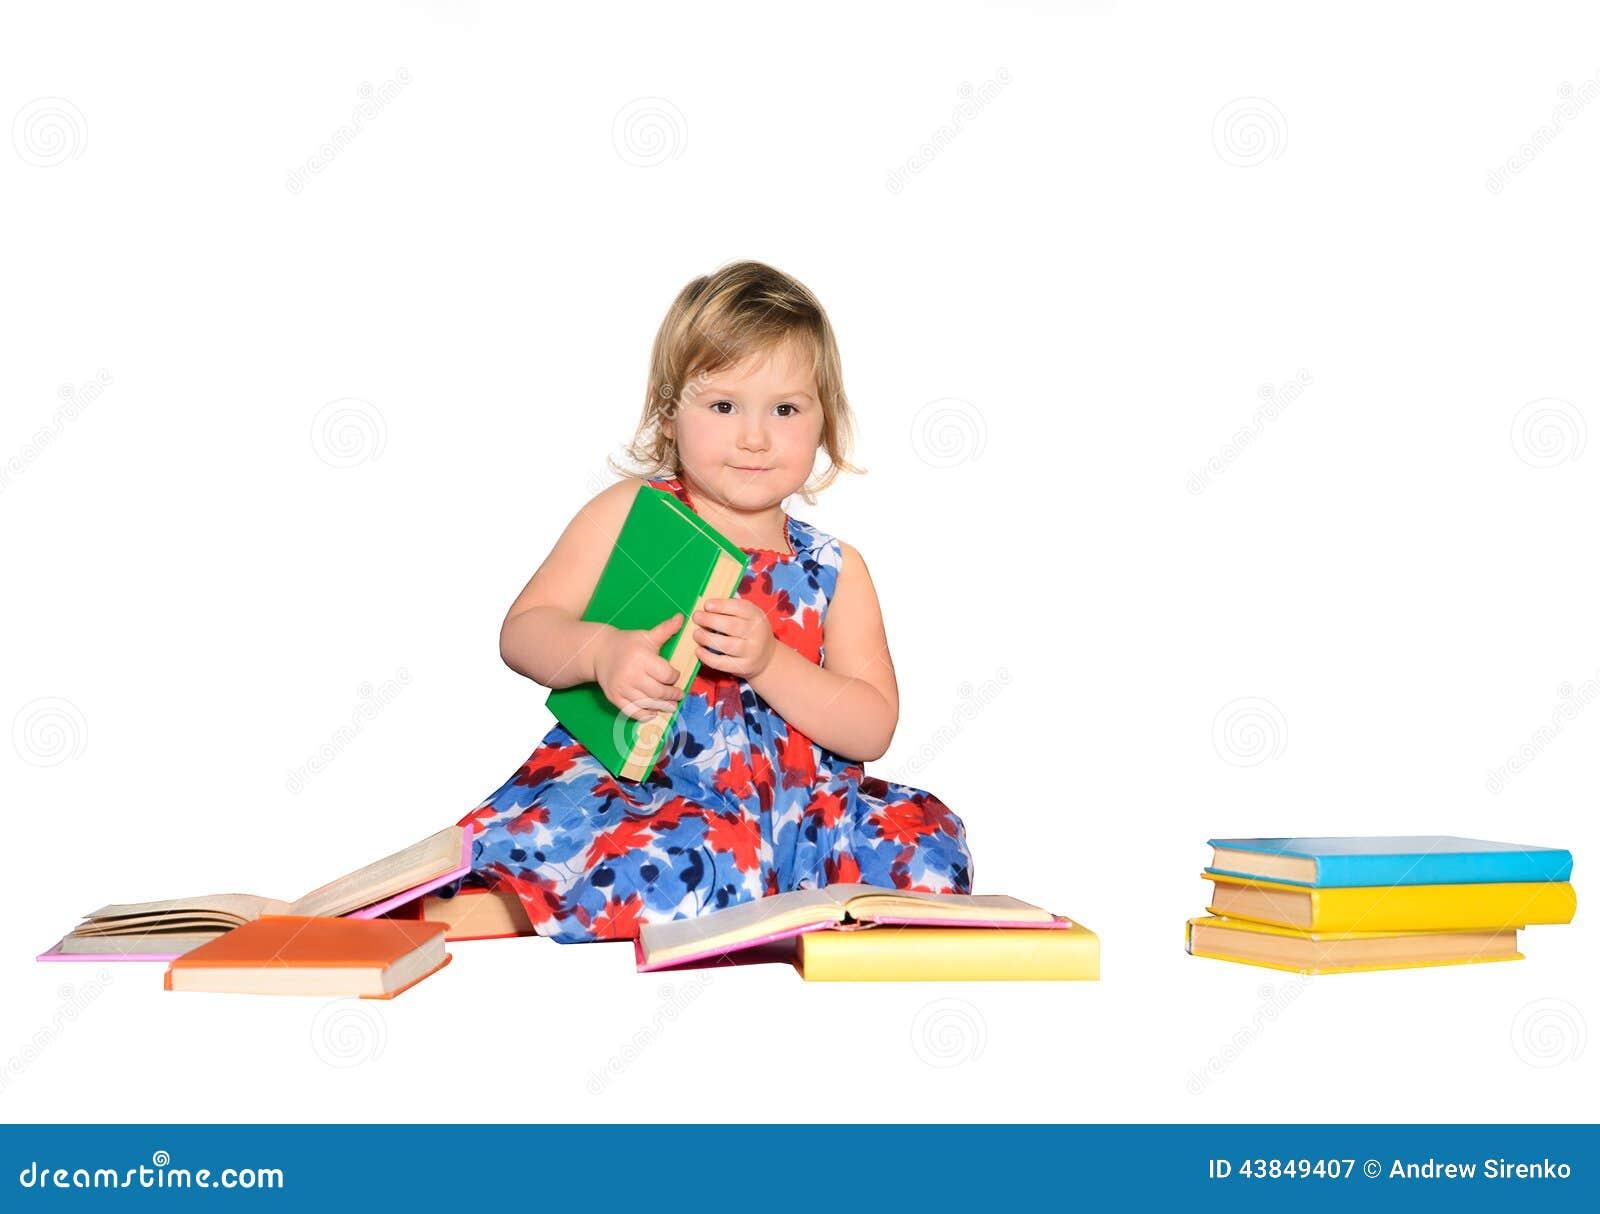 Μικρό κορίτσι με τα χρωματισμένα βιβλία